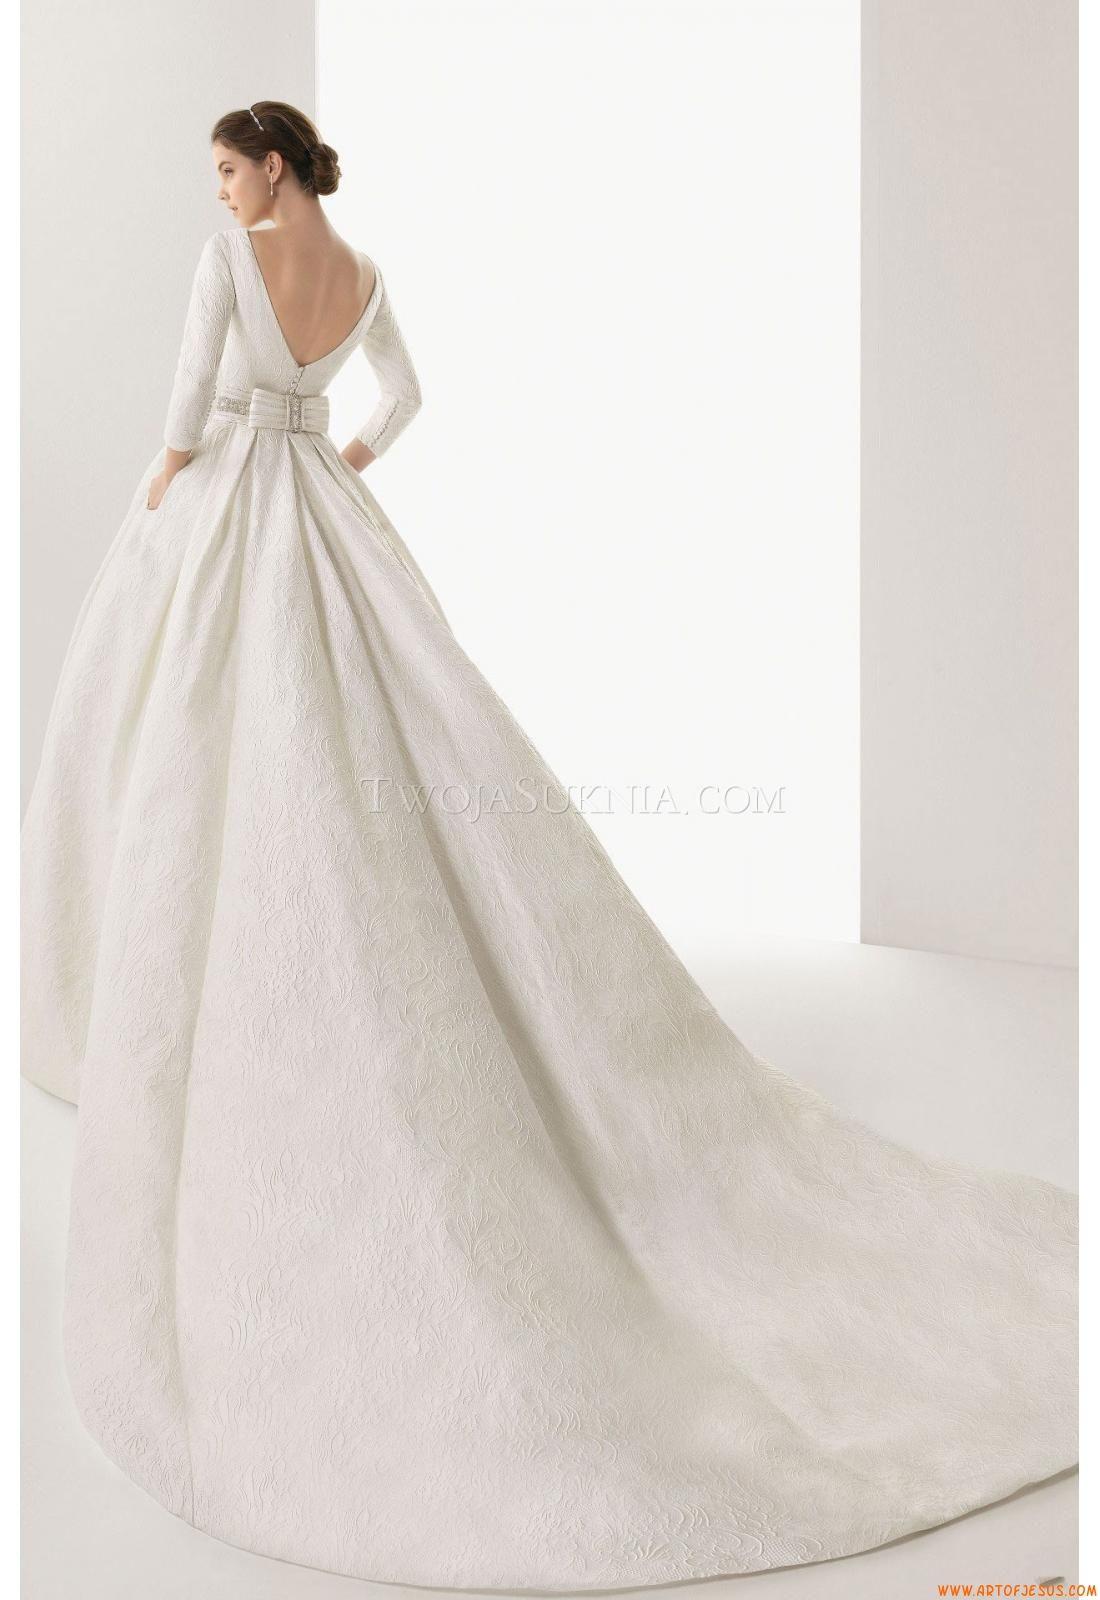 Moderne Ausgefallene Schöne Brautkleider aus Satin mit Spitze ...